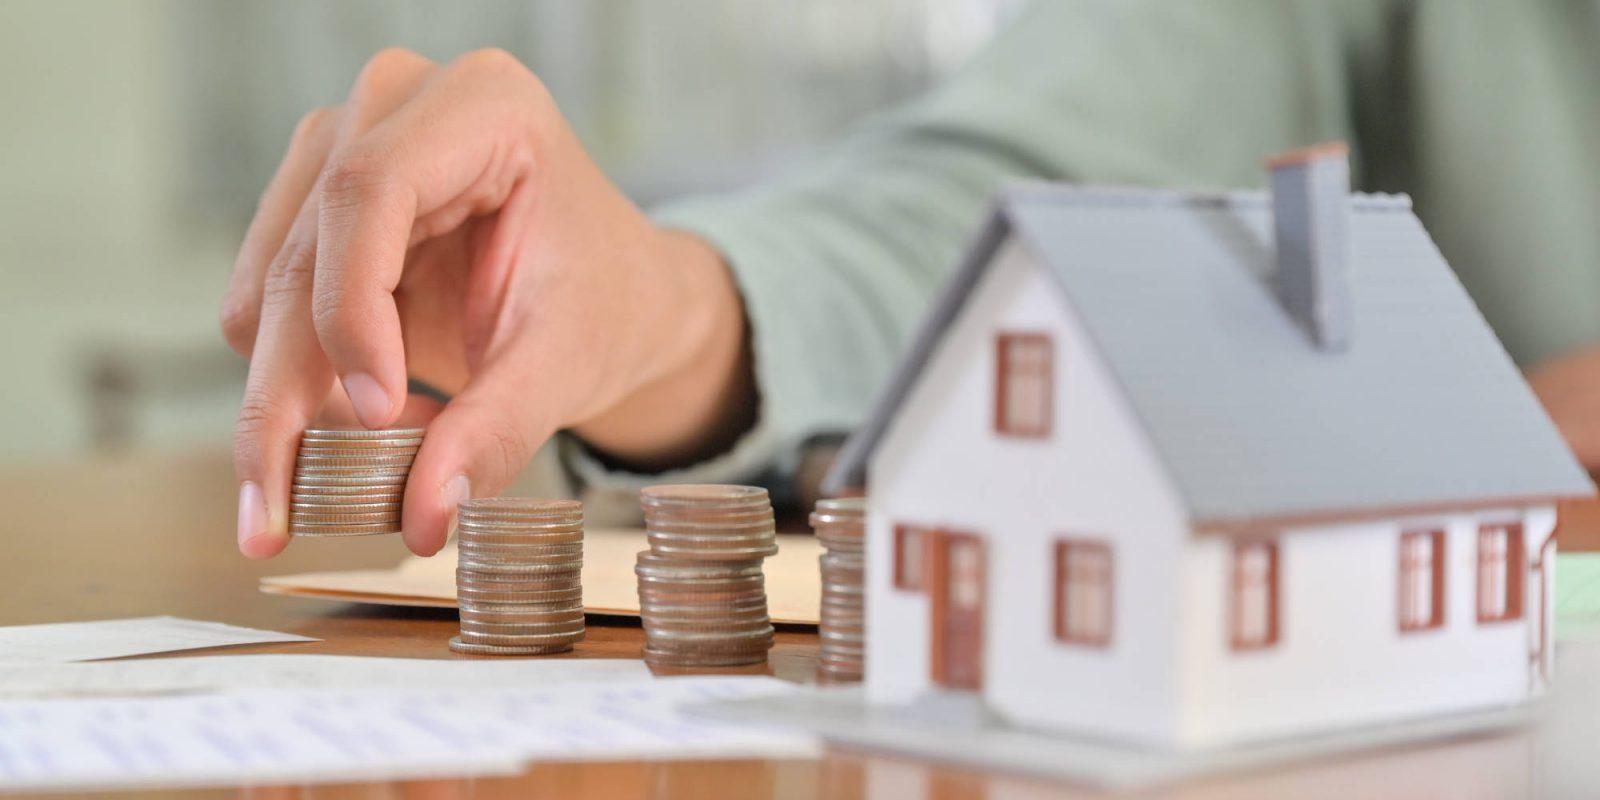 Ile wynosi wkład własny przy kredycie hipotecznym?